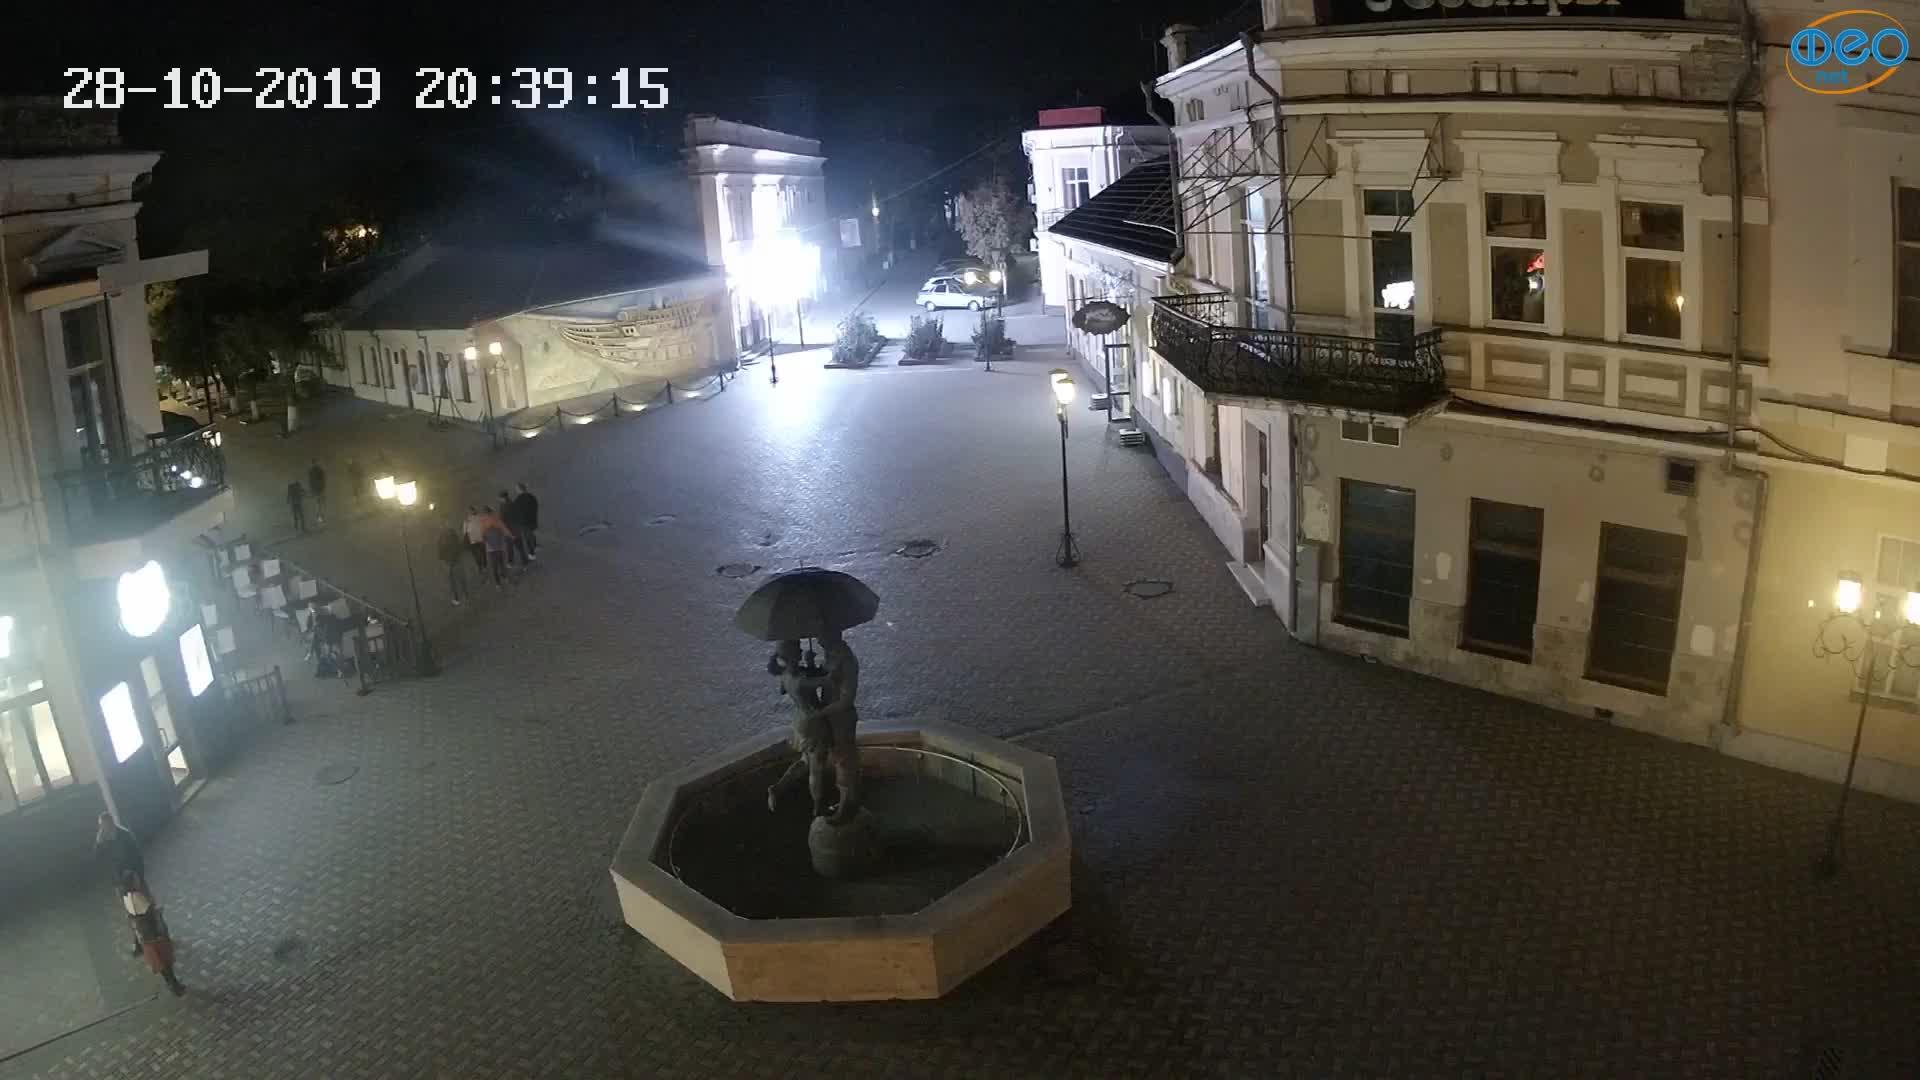 Панно Бригантина (Камера со звуком.), фото сделано 28 октября 2019г. в 20:36